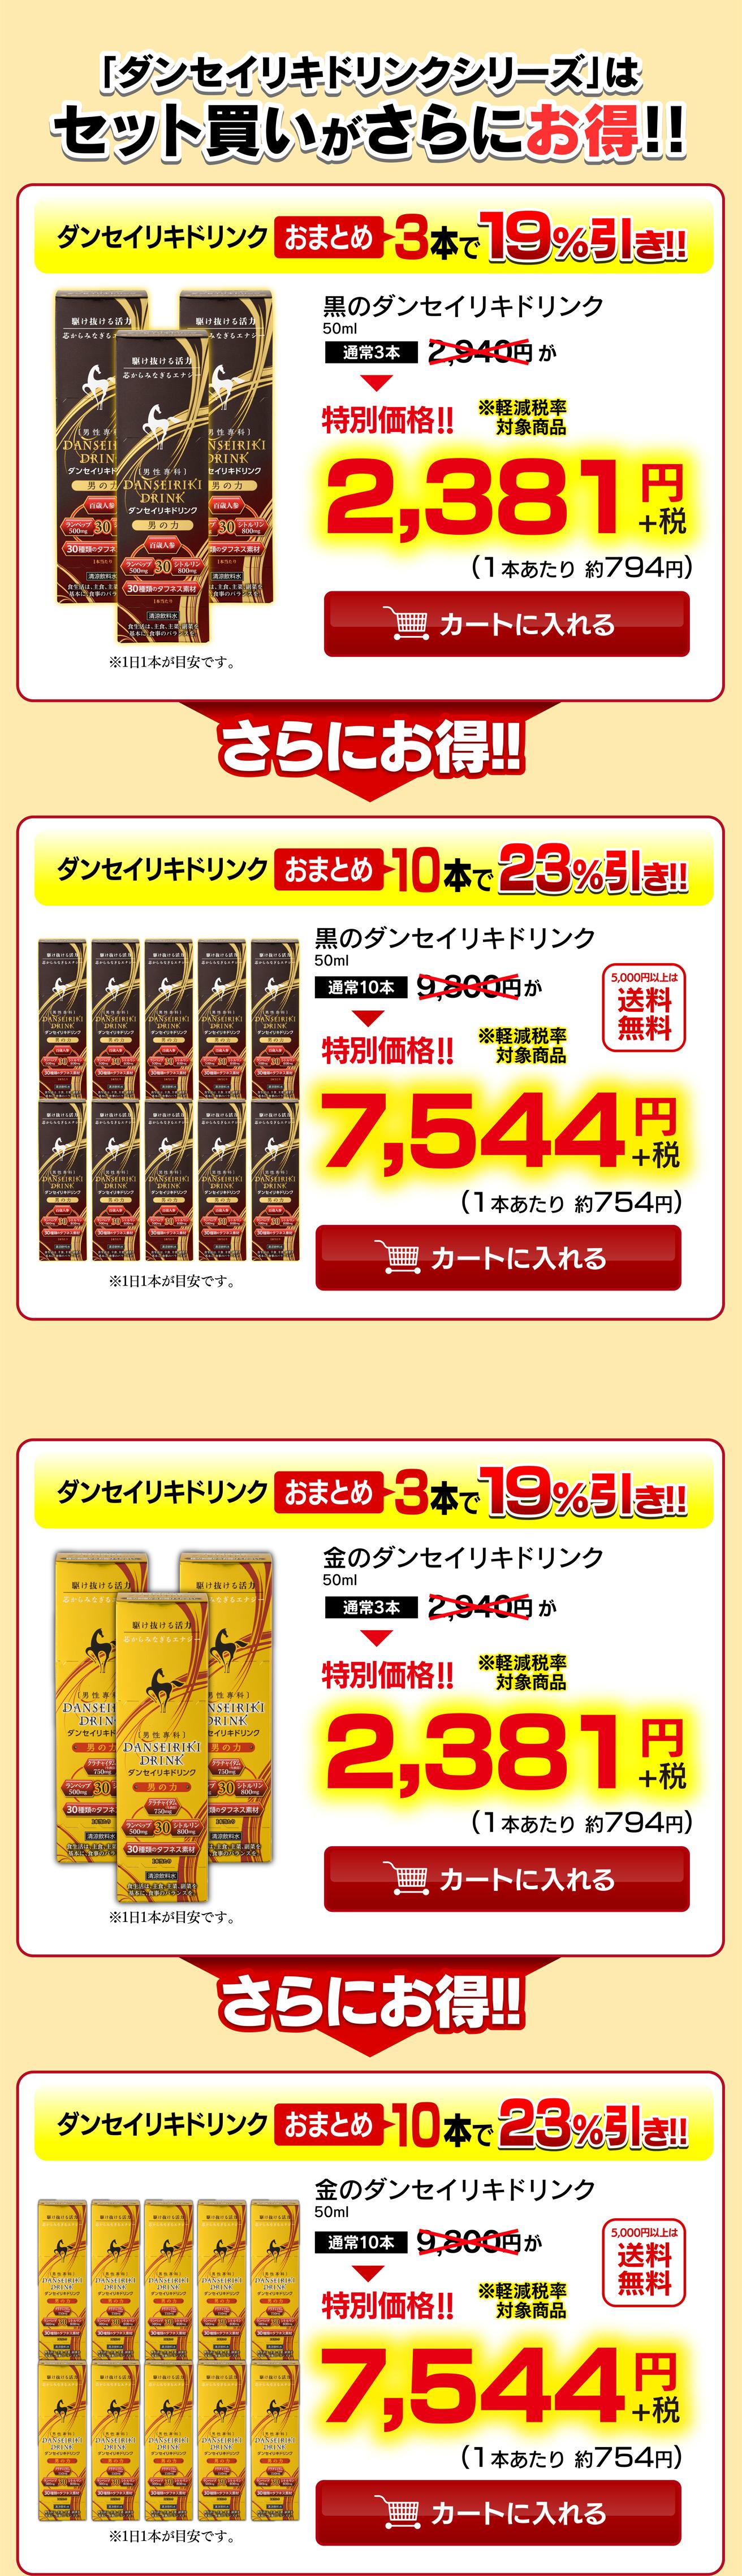 「ダンセイリキドリンクシリーズ」はセット買いがさらにお得!!